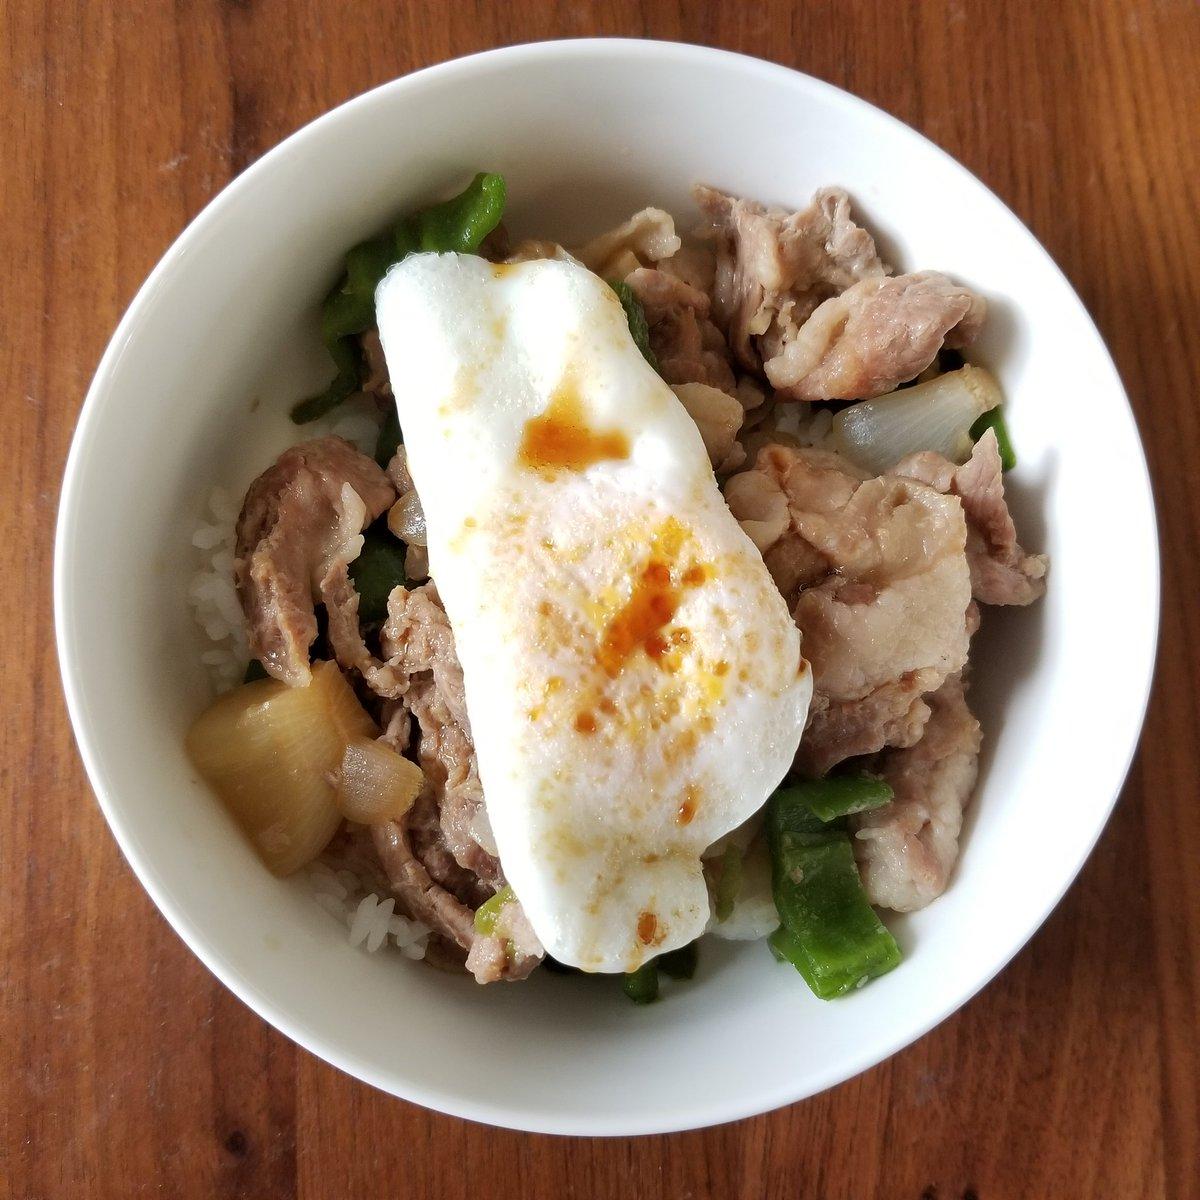 ご飯が進みそう!とっても美味しそうな、豚バラ肉×大葉×チーズレシピ!